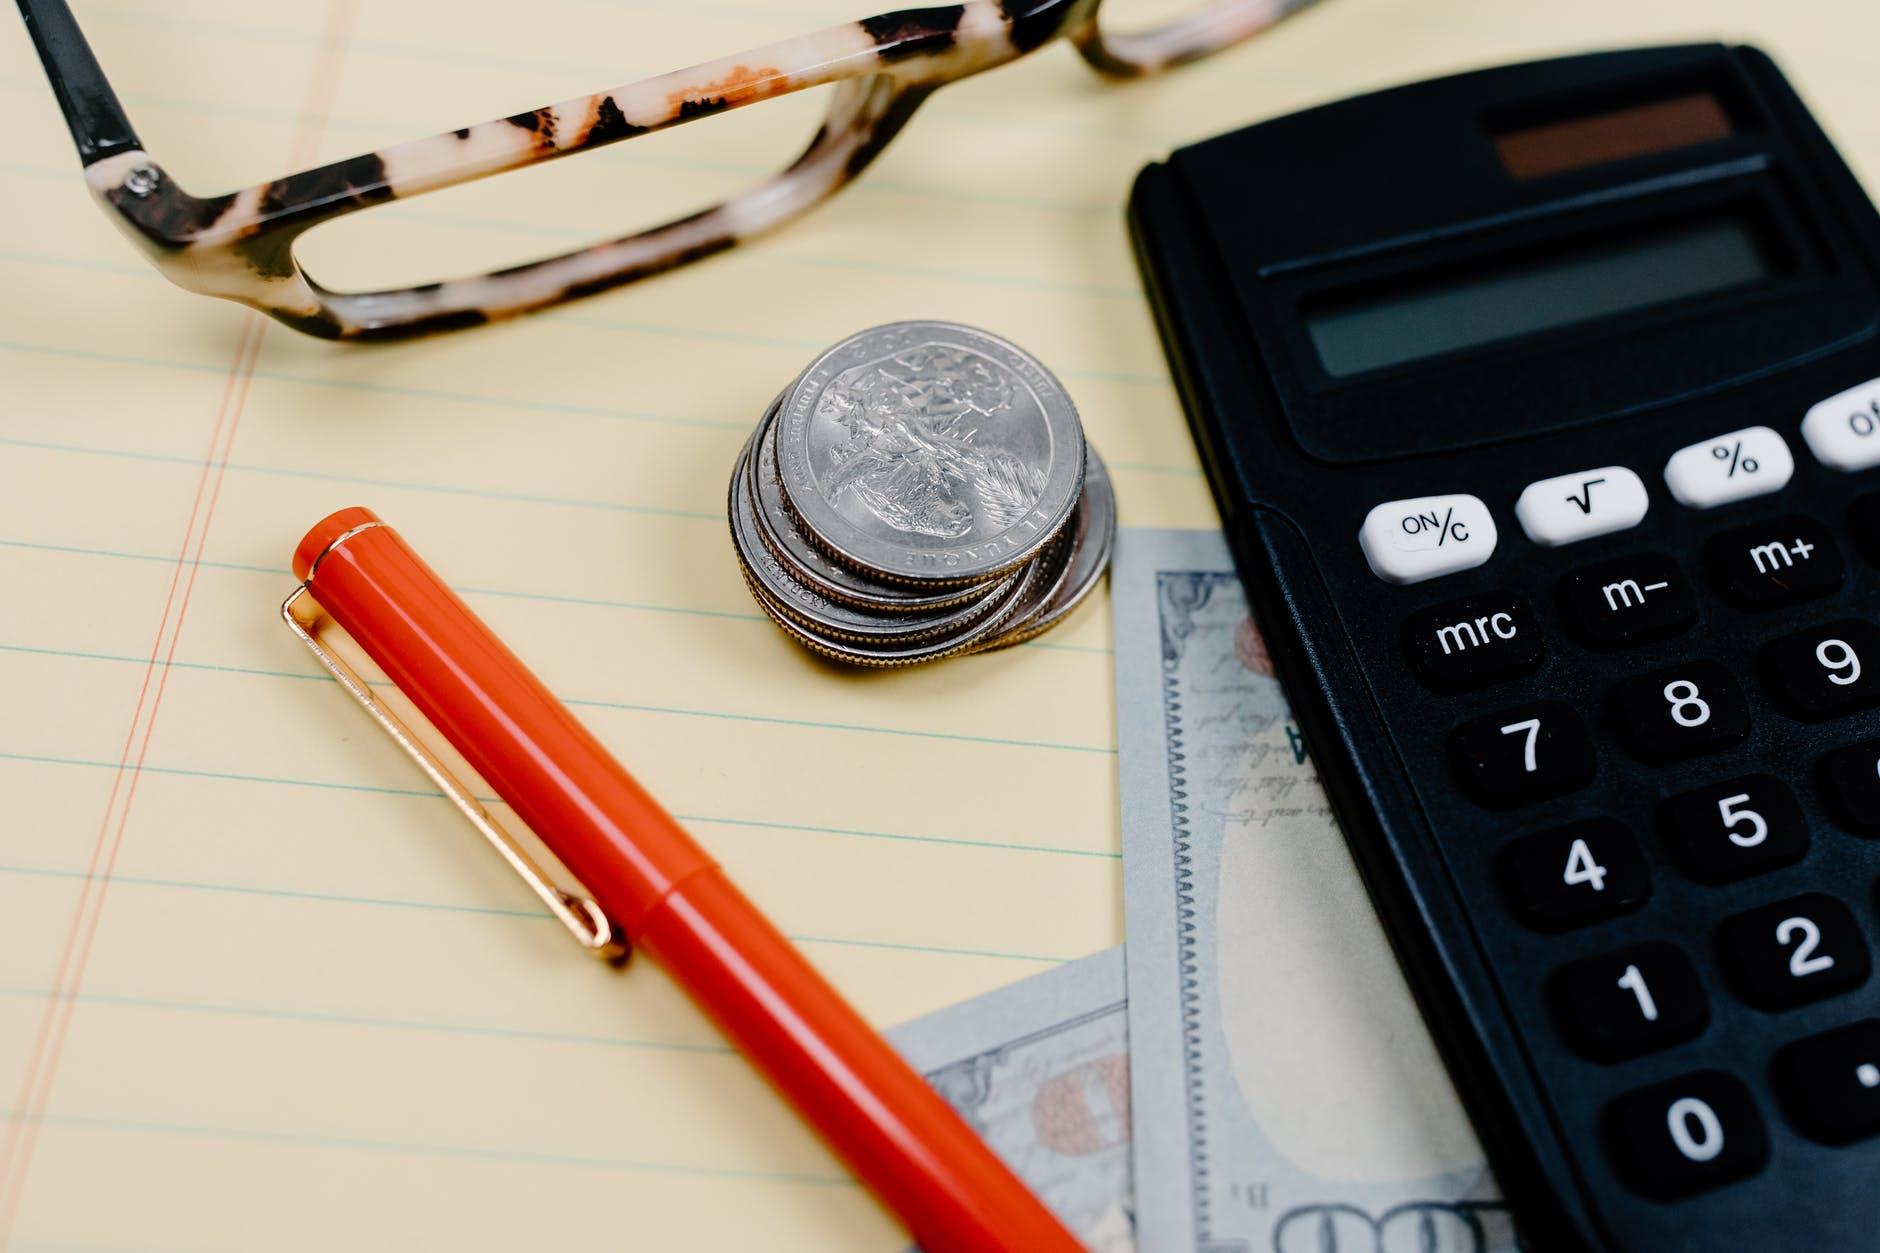 Спастись от кризиса: Финансист рассказал, в чём менее опасно хранить деньги